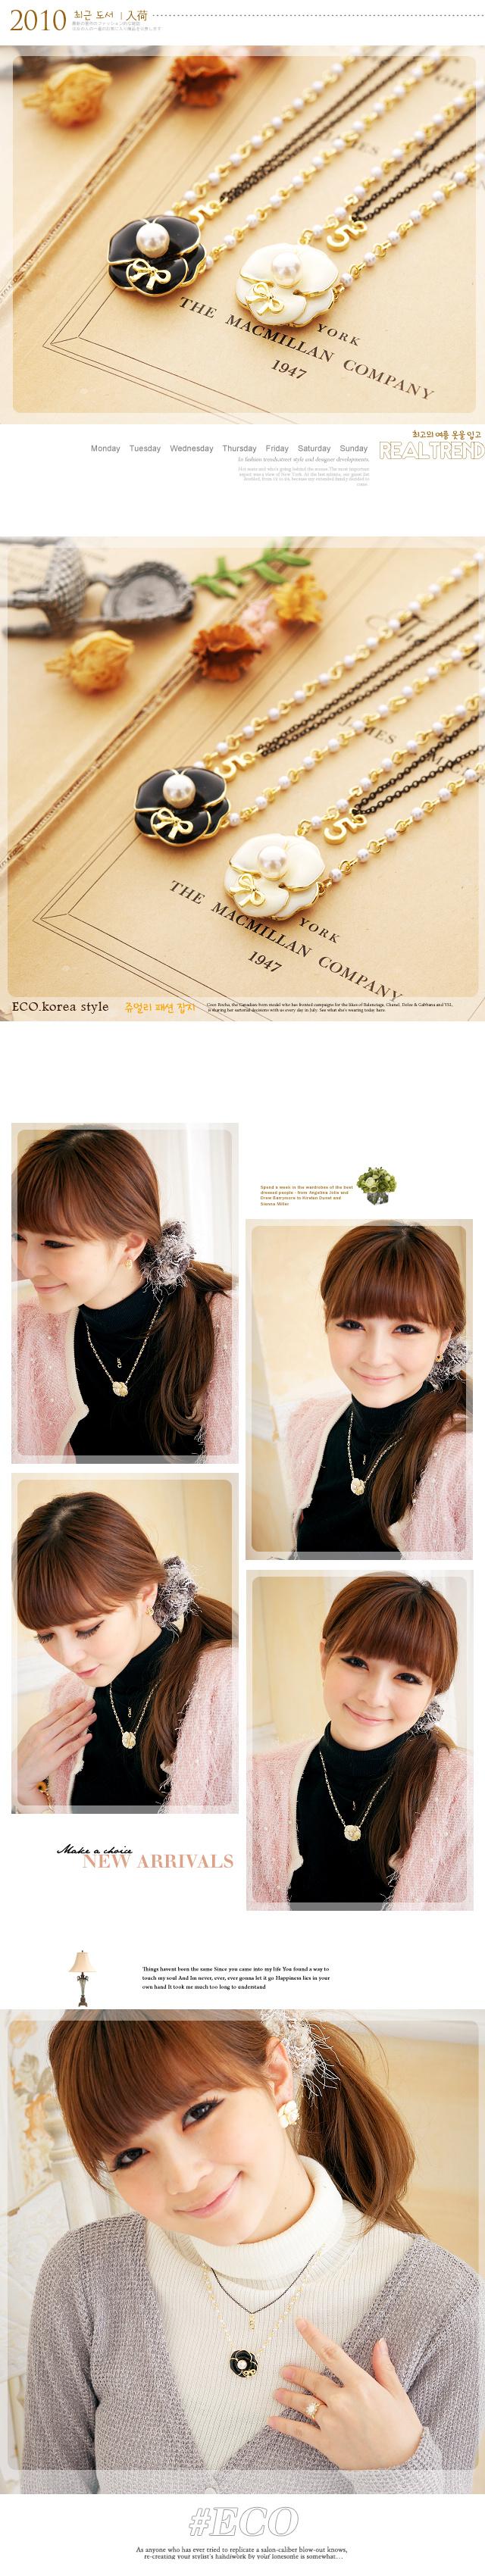 山茶花項鍊,花朵項鍊,數字項鍊,雙鍊項鍊,韓國項鍊,韓國製項鍊,韓國飾品,項鍊